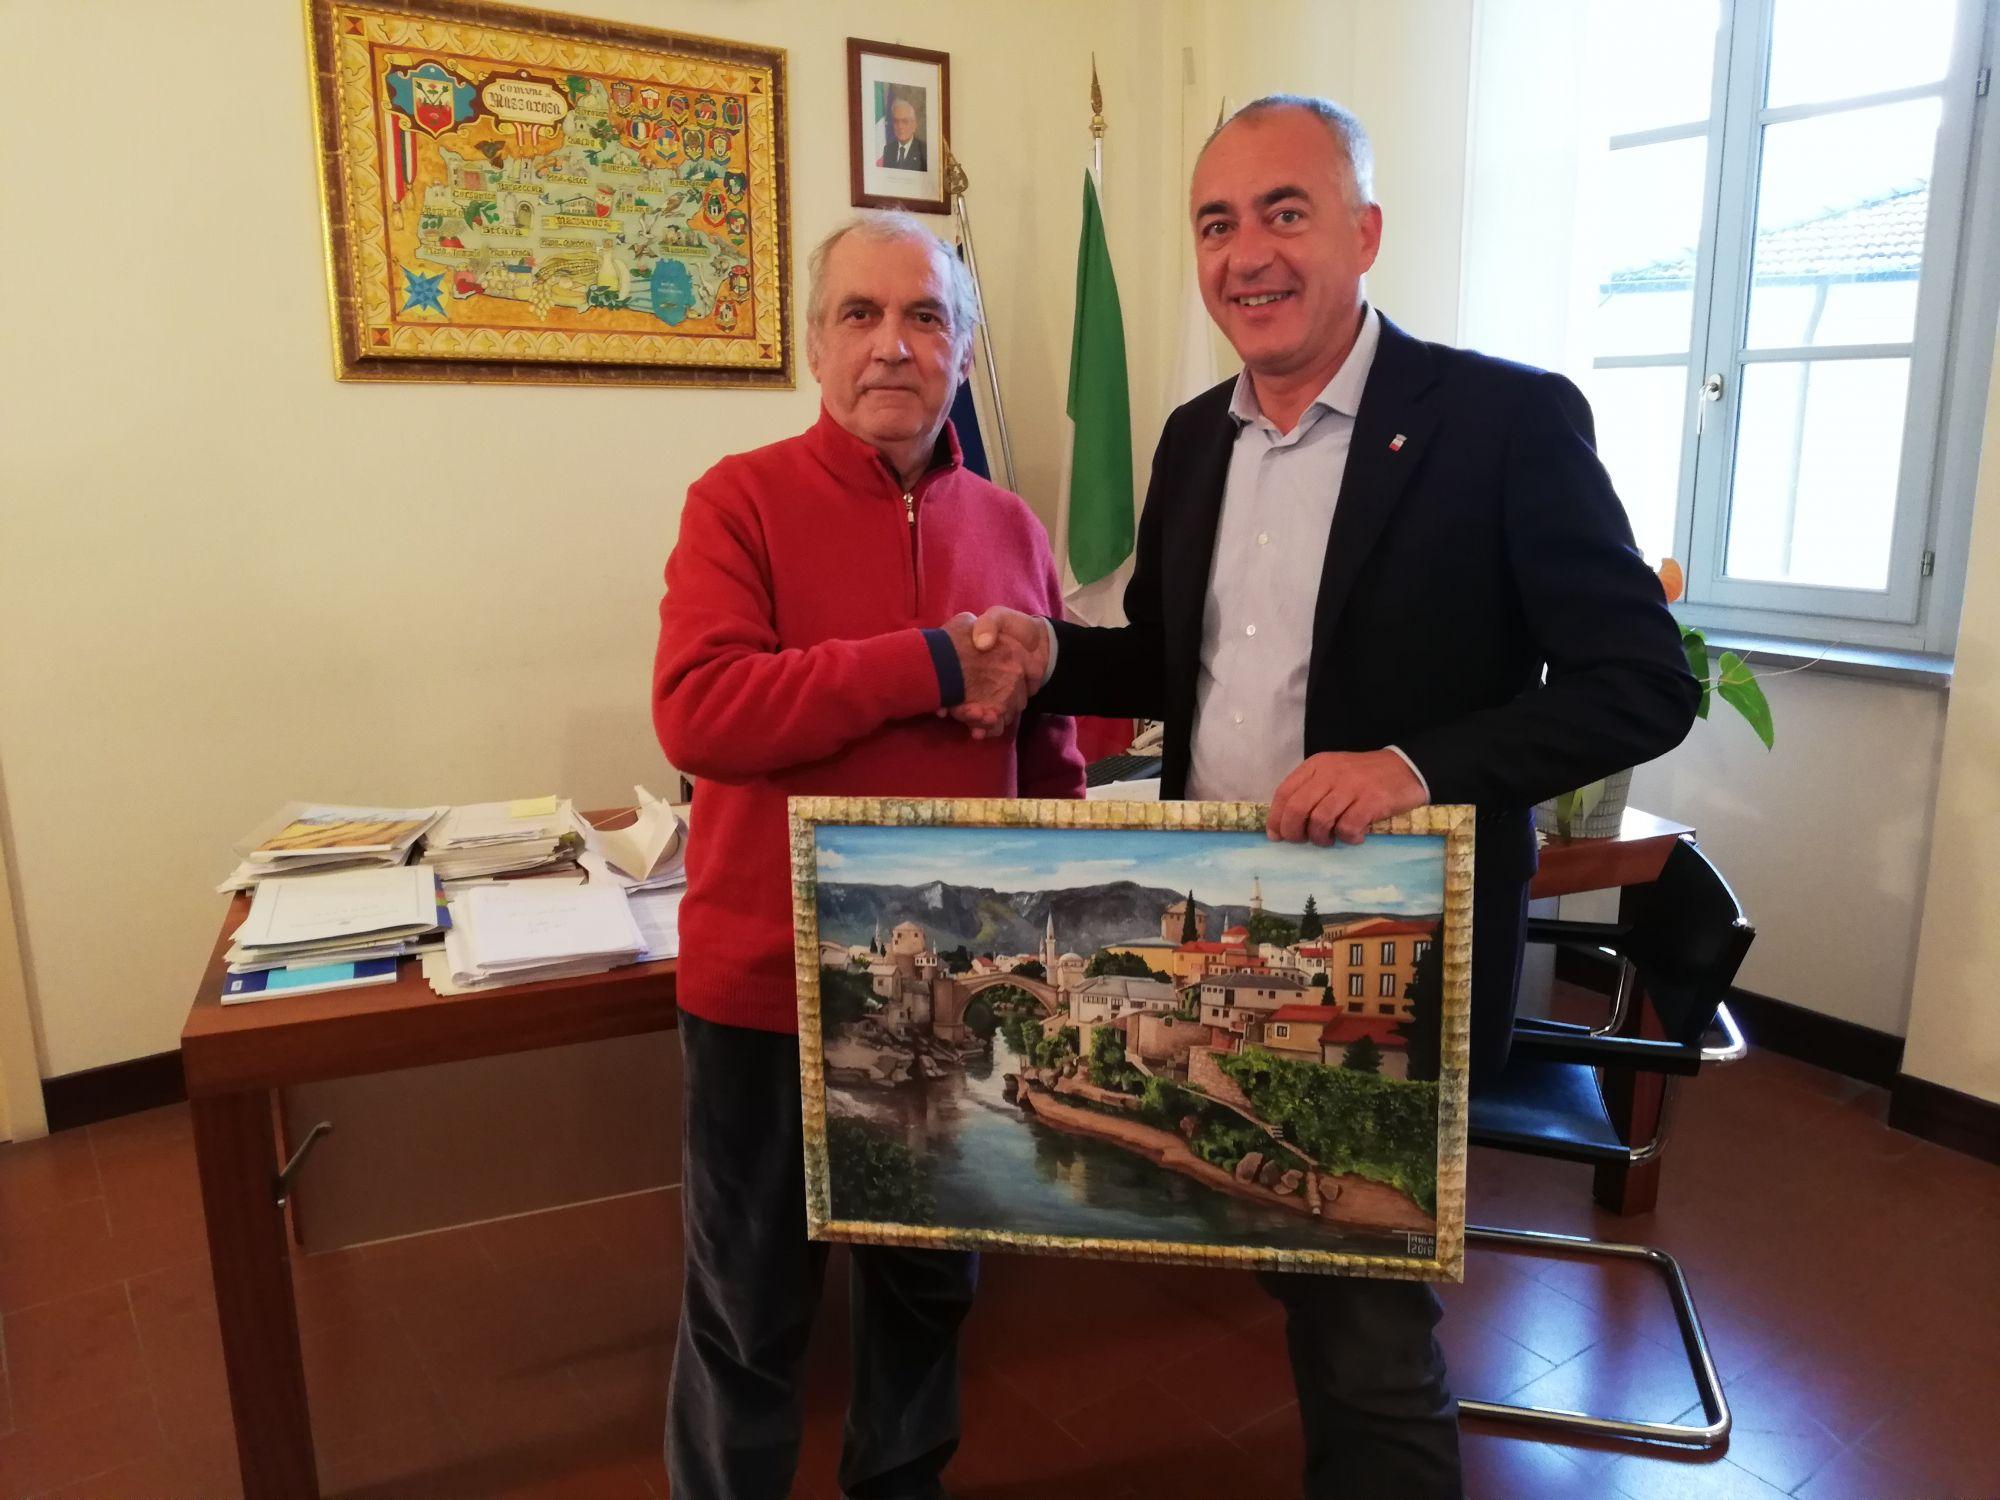 Il pittore Romeo Tani dona un quadro al Comune